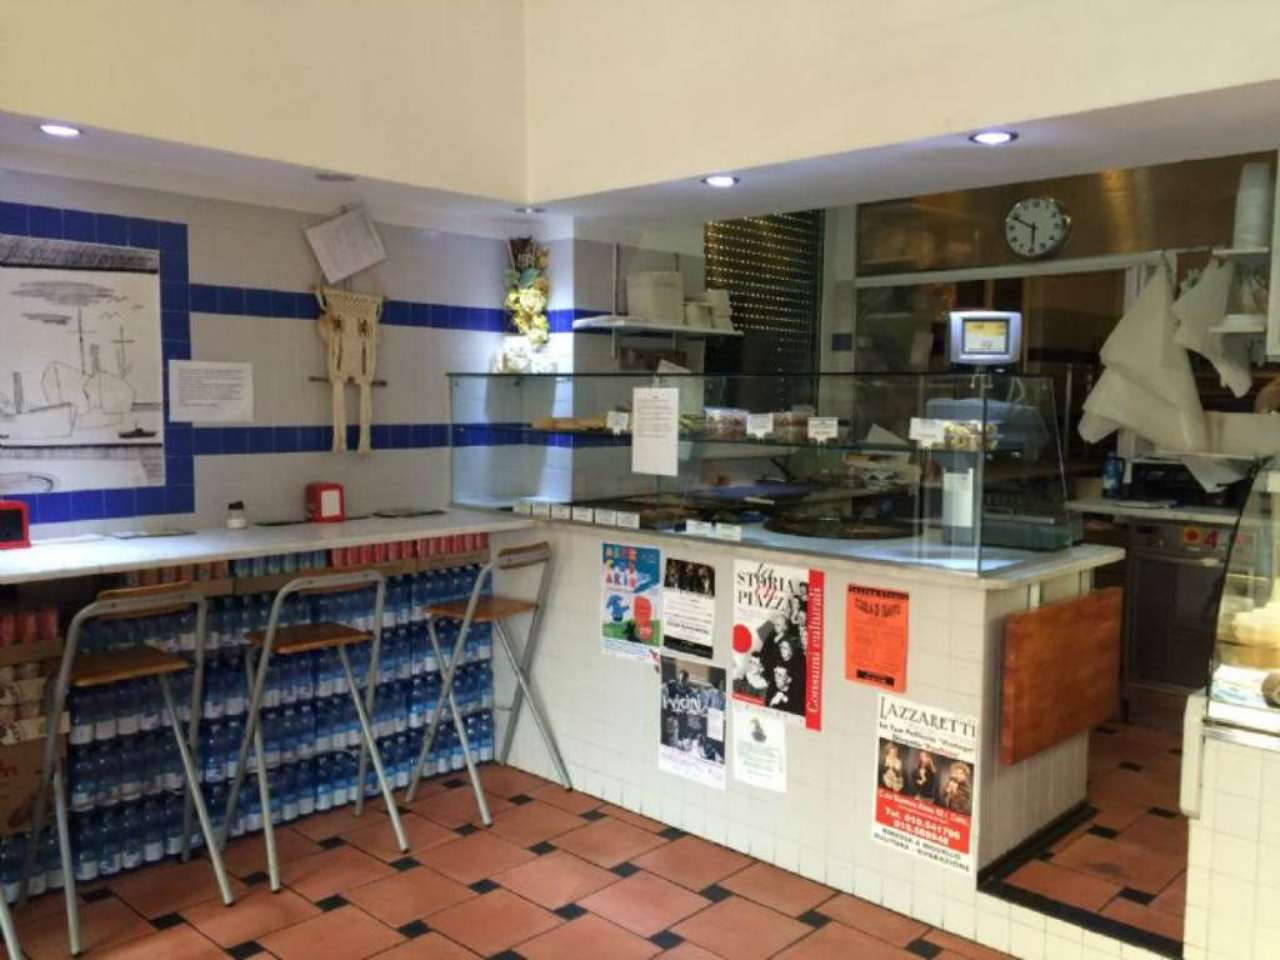 Negozio / Locale in vendita a Genova, 2 locali, zona Zona: 3 . Boccadasse-Sturla, prezzo € 55.000 | Cambio Casa.it